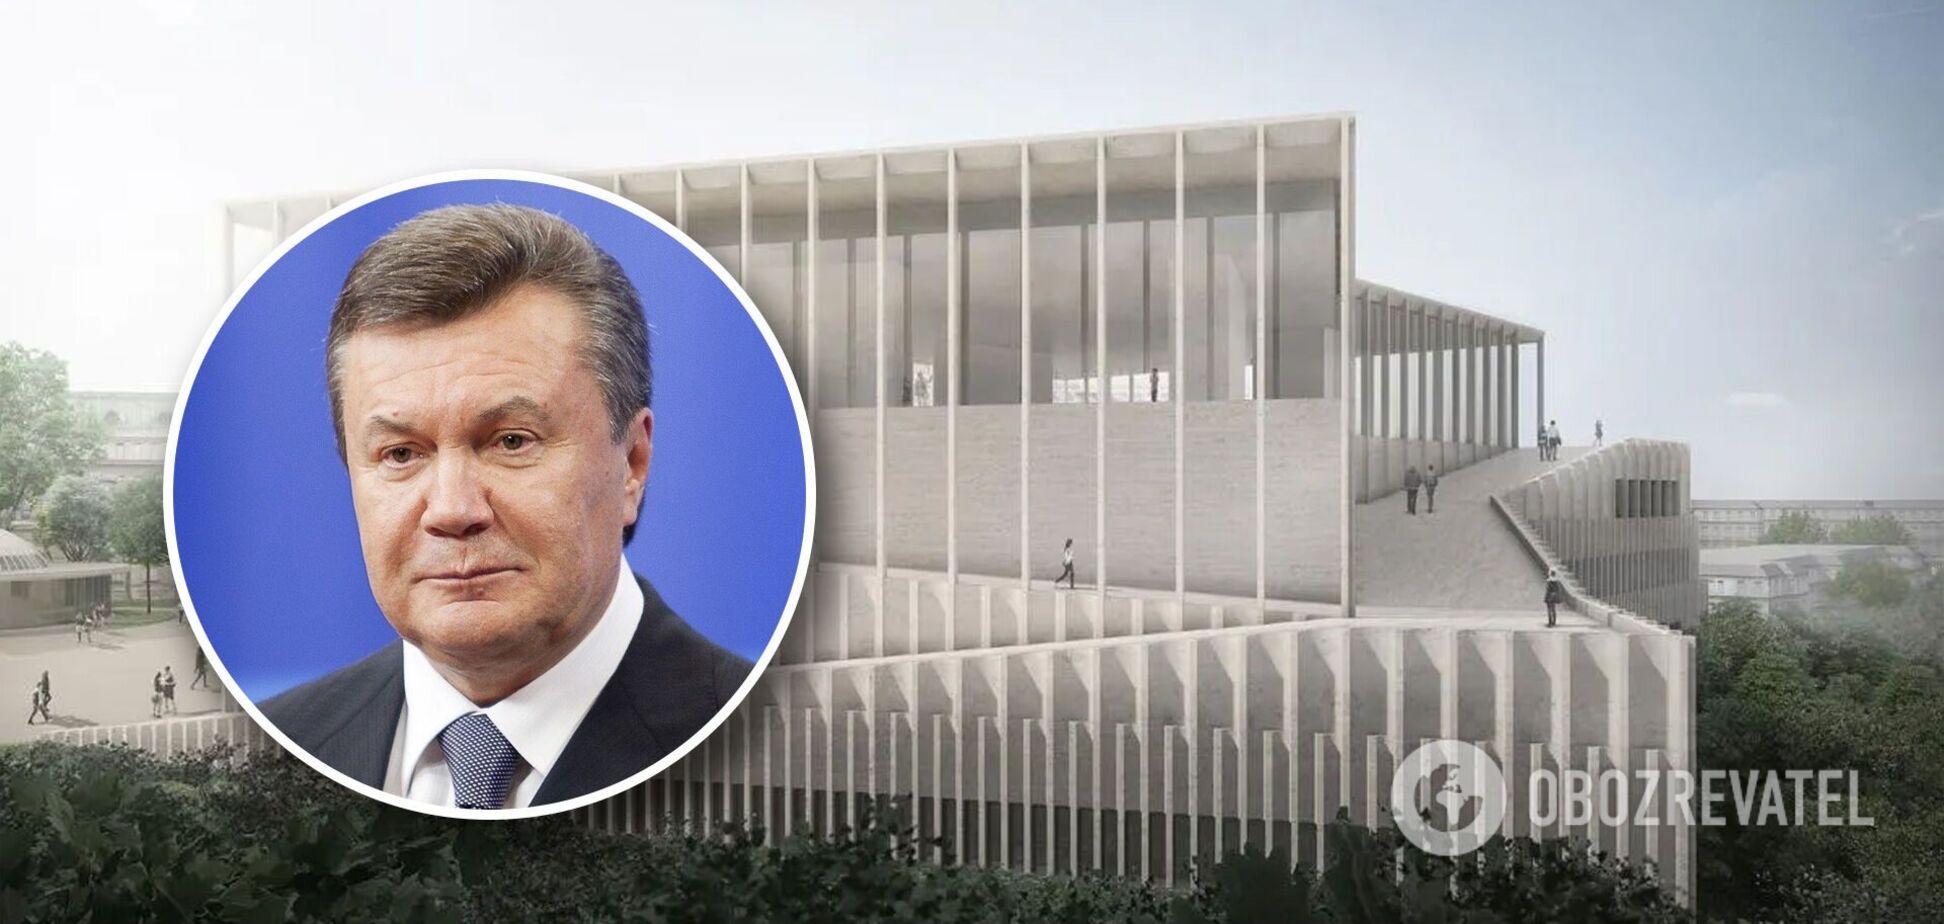 Музей Небесної Сотні довірили будувати 'прокладці Януковича'? OBOZREVATEL розповідає, що з цього вийшло